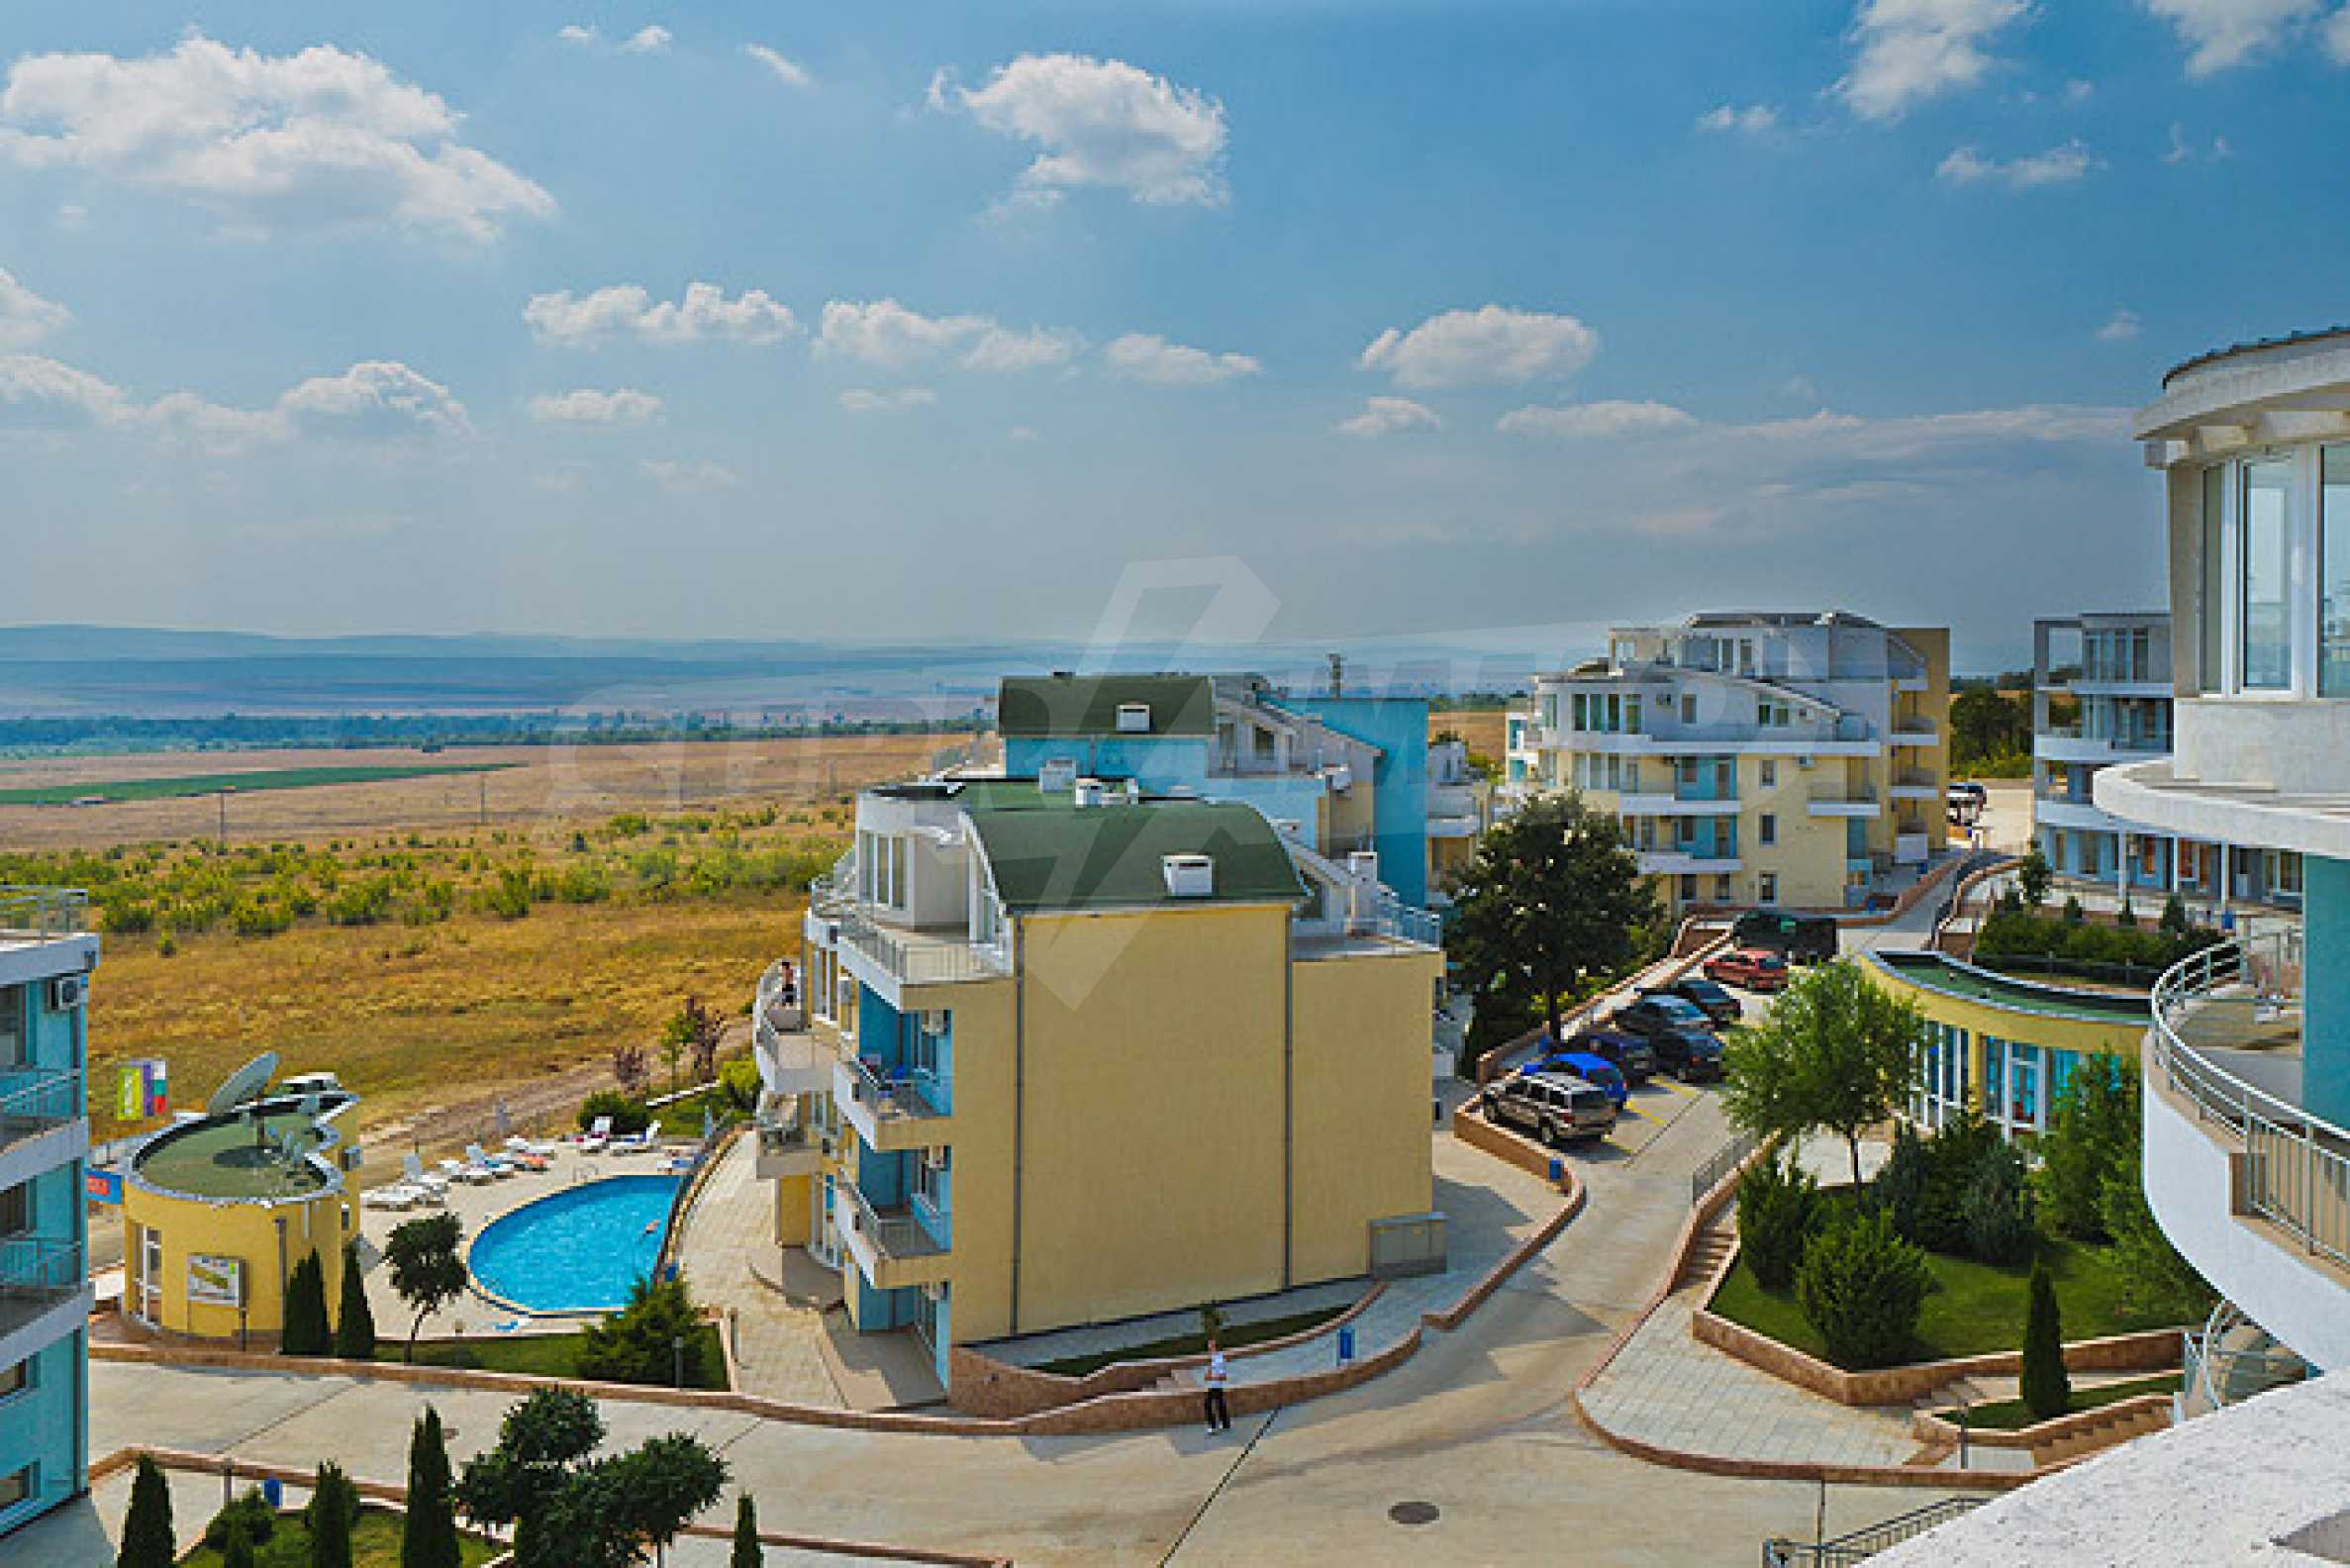 Sunset Kosharitsa - Apartments in einem attraktiven Berg- und Seekomplex, 5 Autominuten vom Sonnenstrand entfernt 36